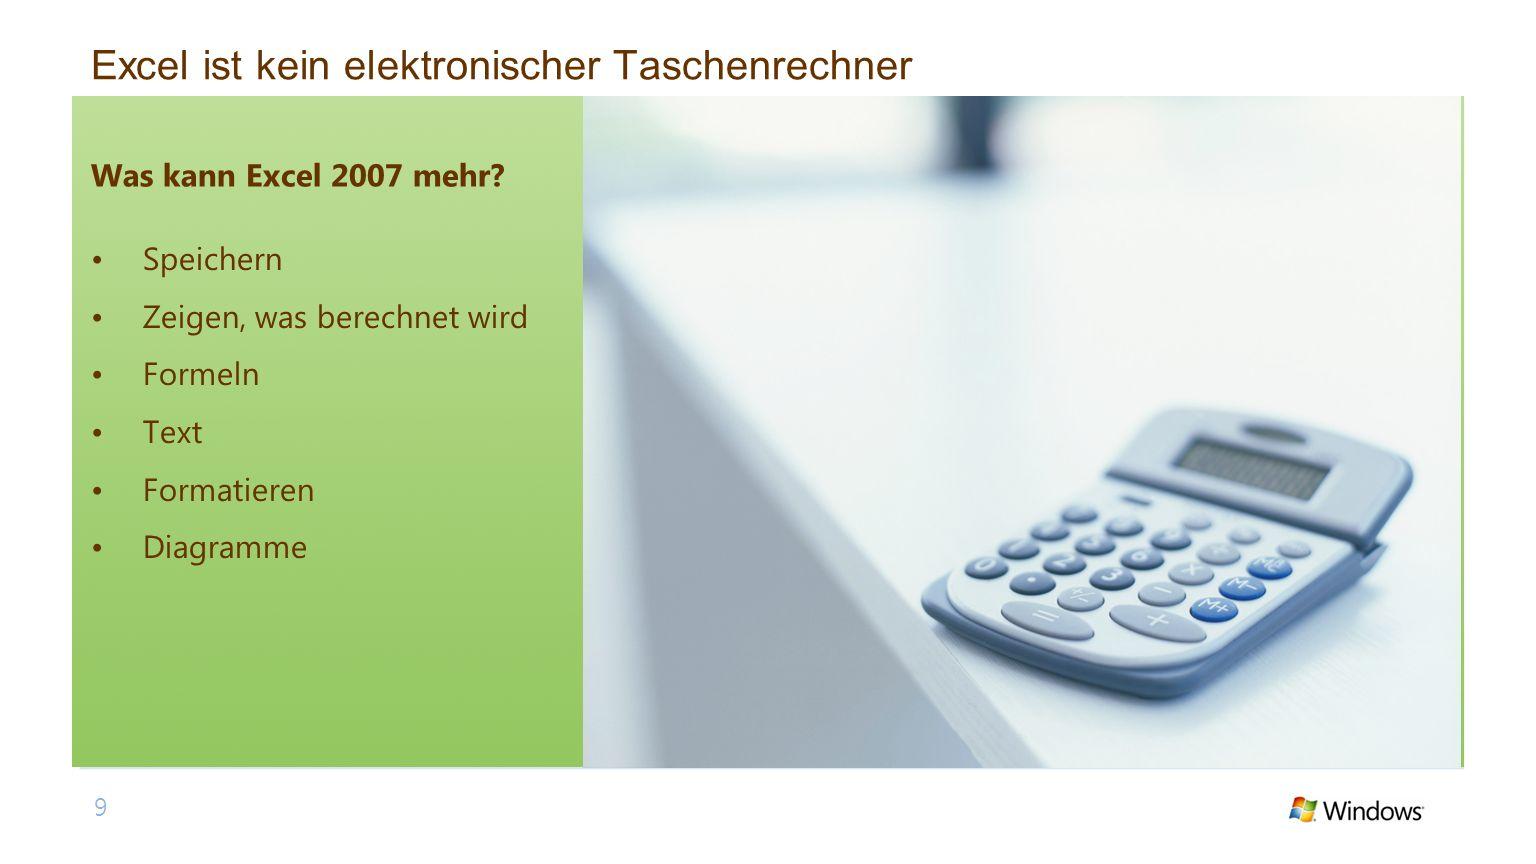 Excel ist kein elektronischer Taschenrechner